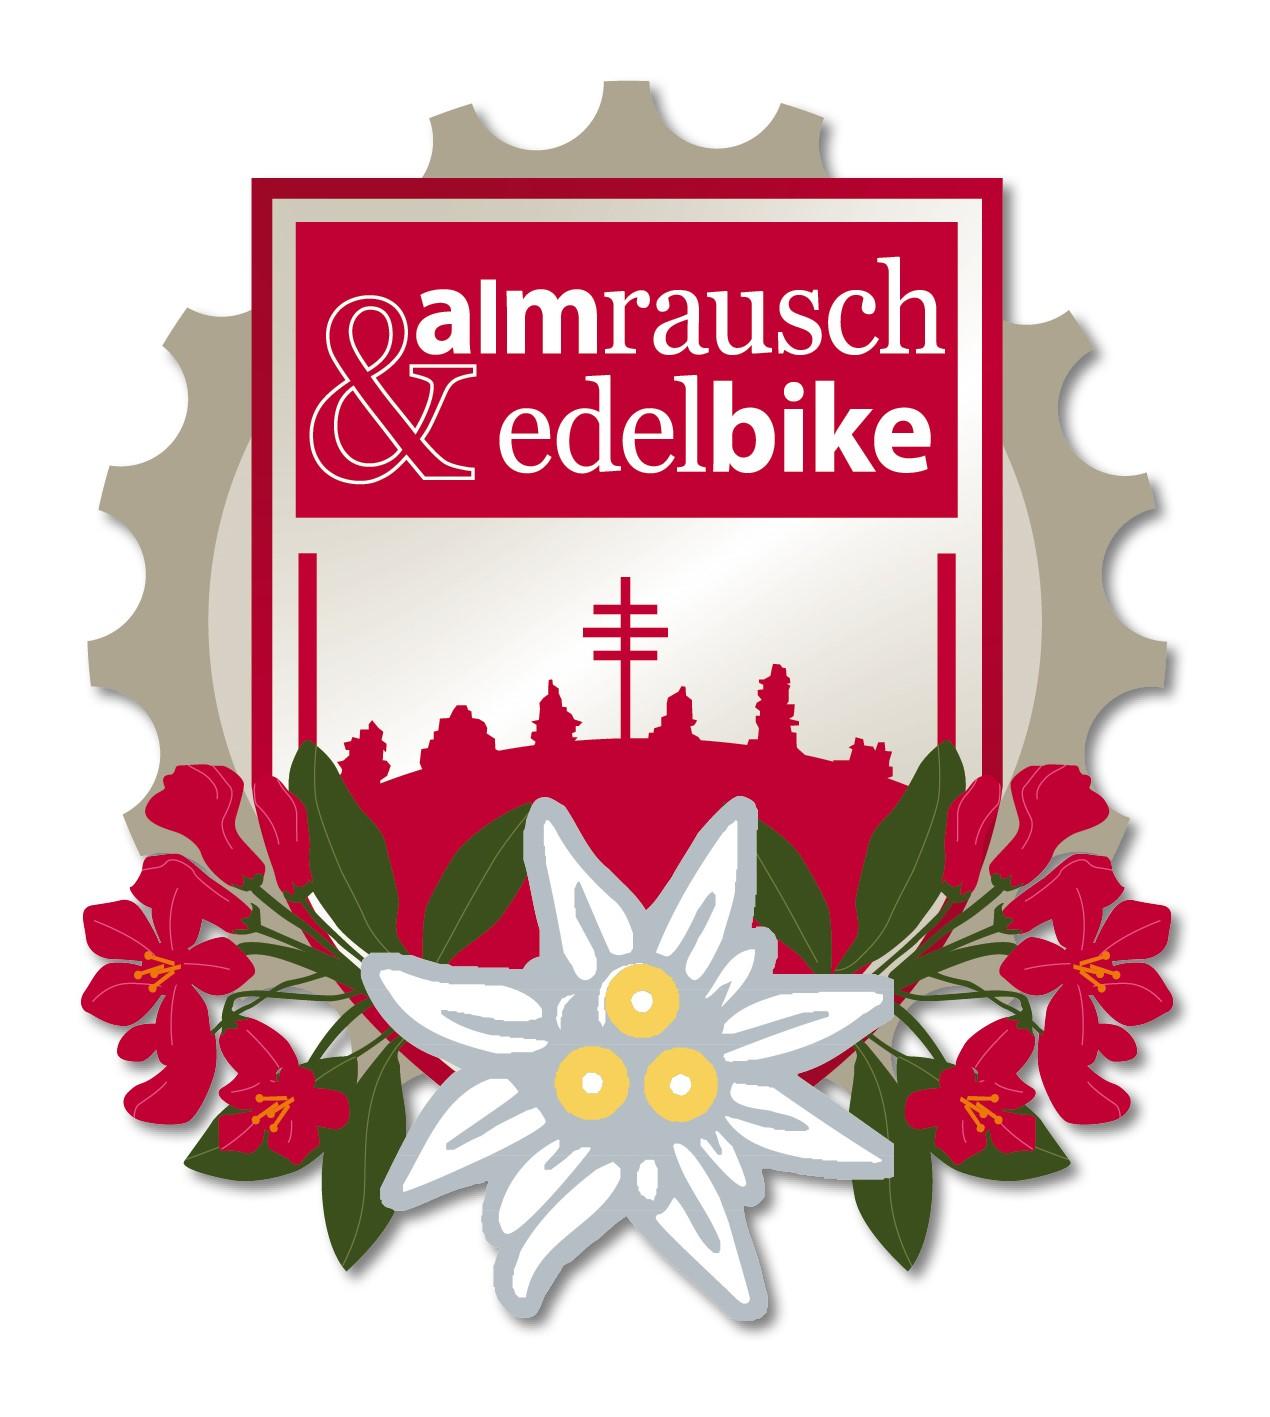 und Edelbike 2016.